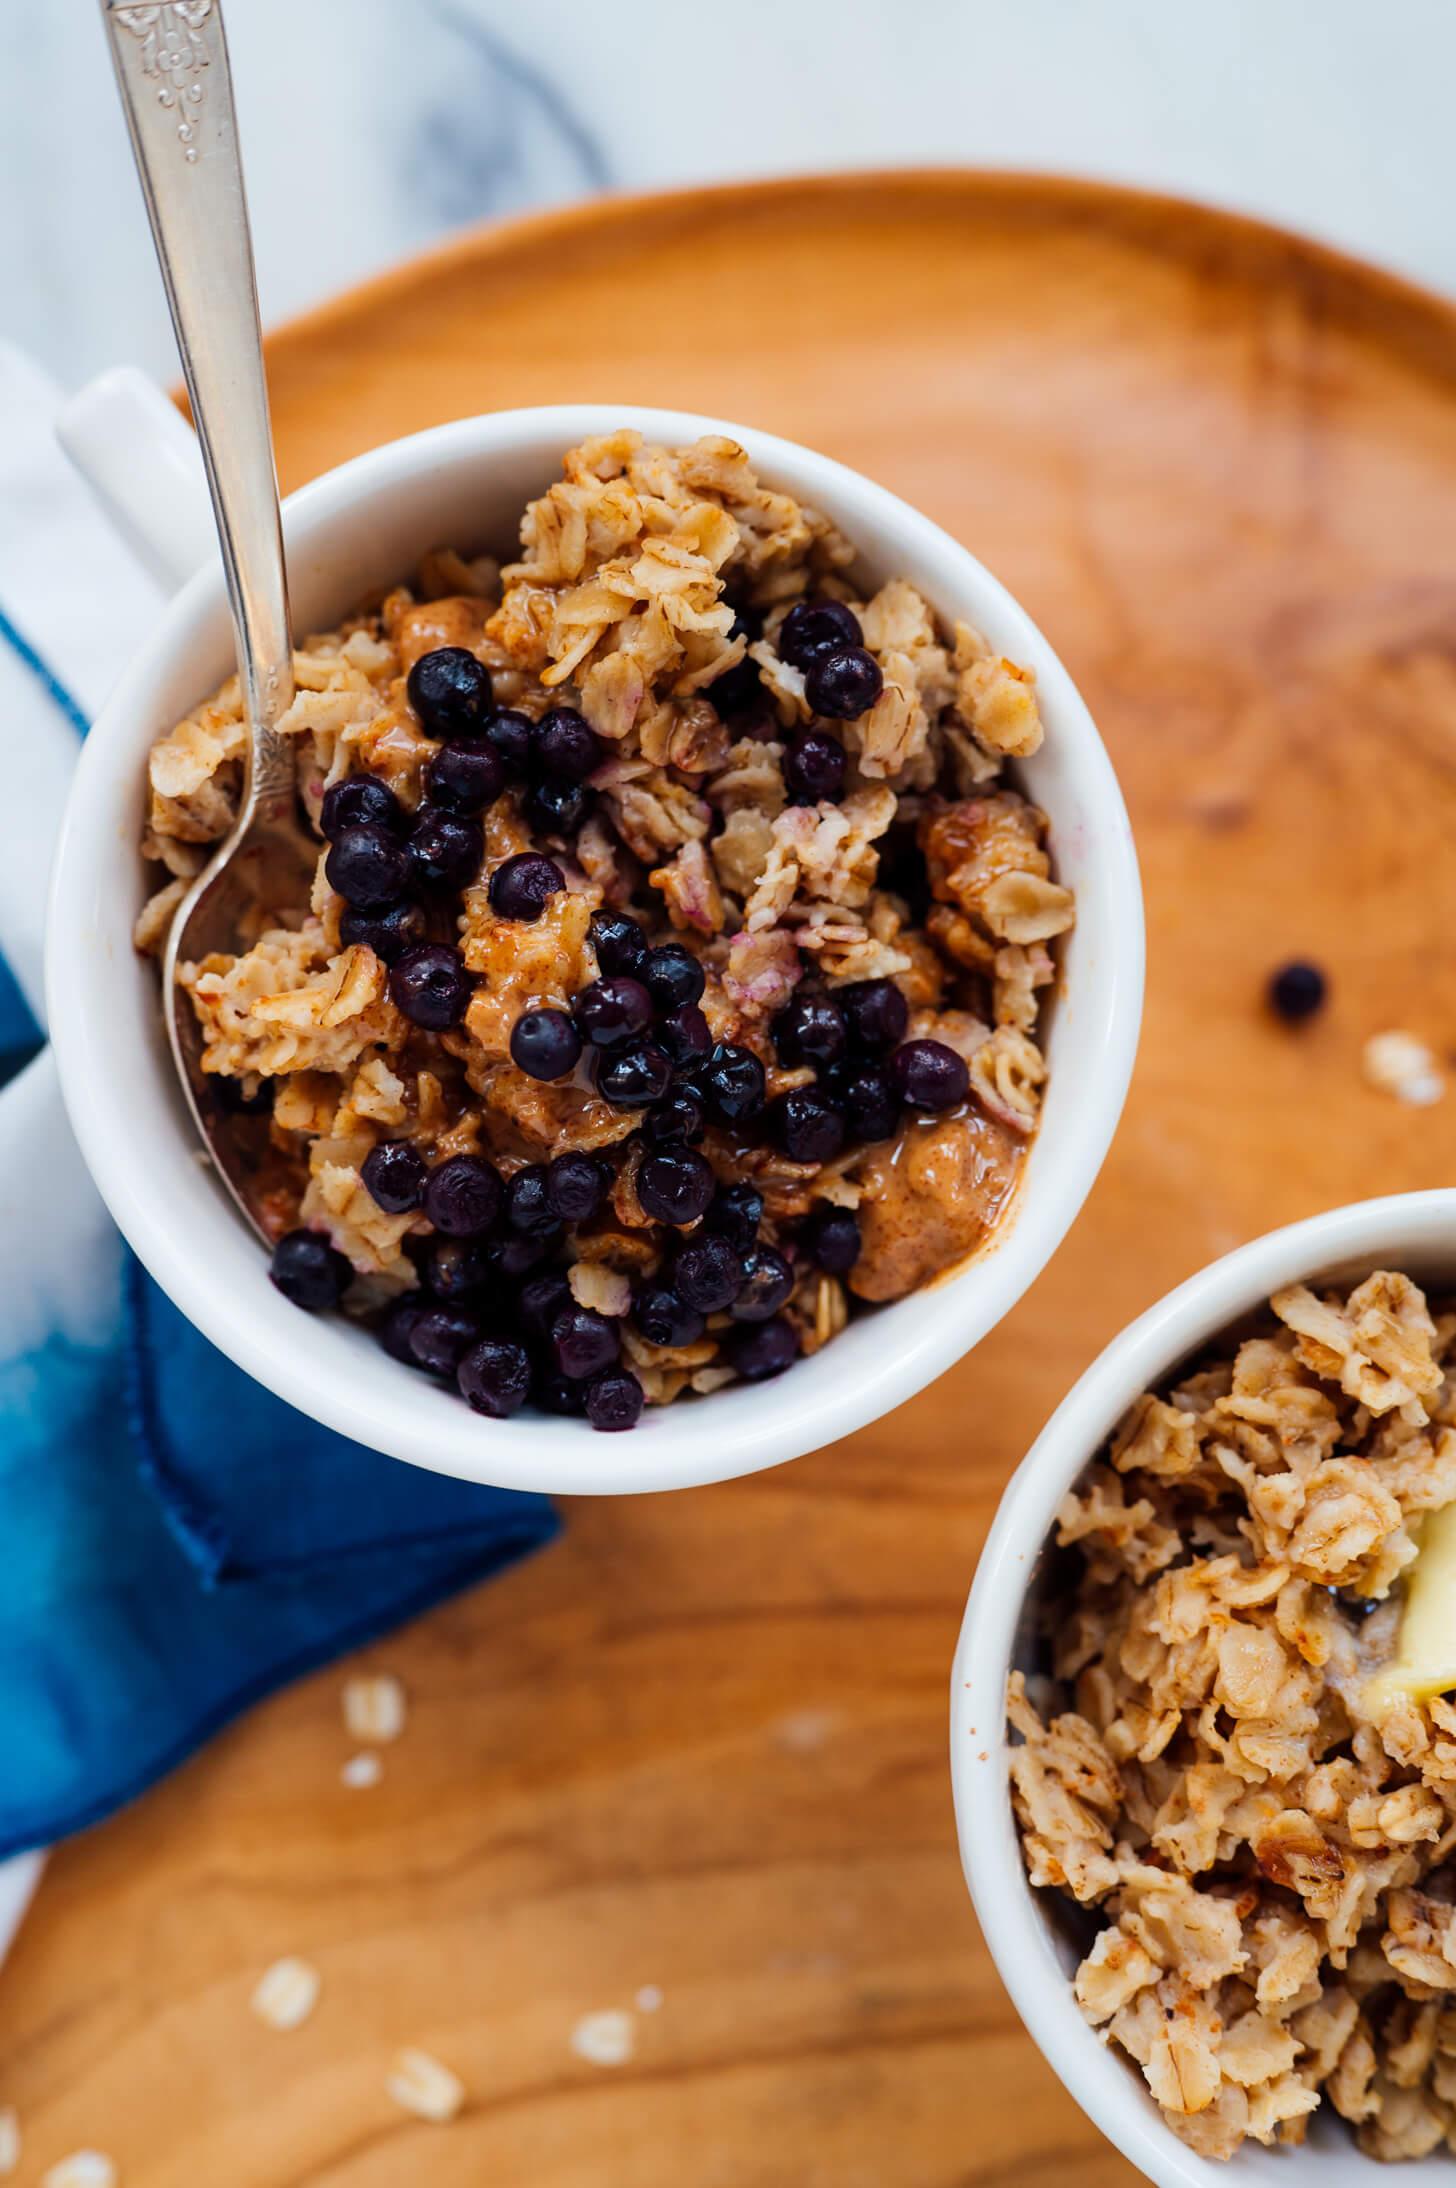 homemade oatmeal recipe